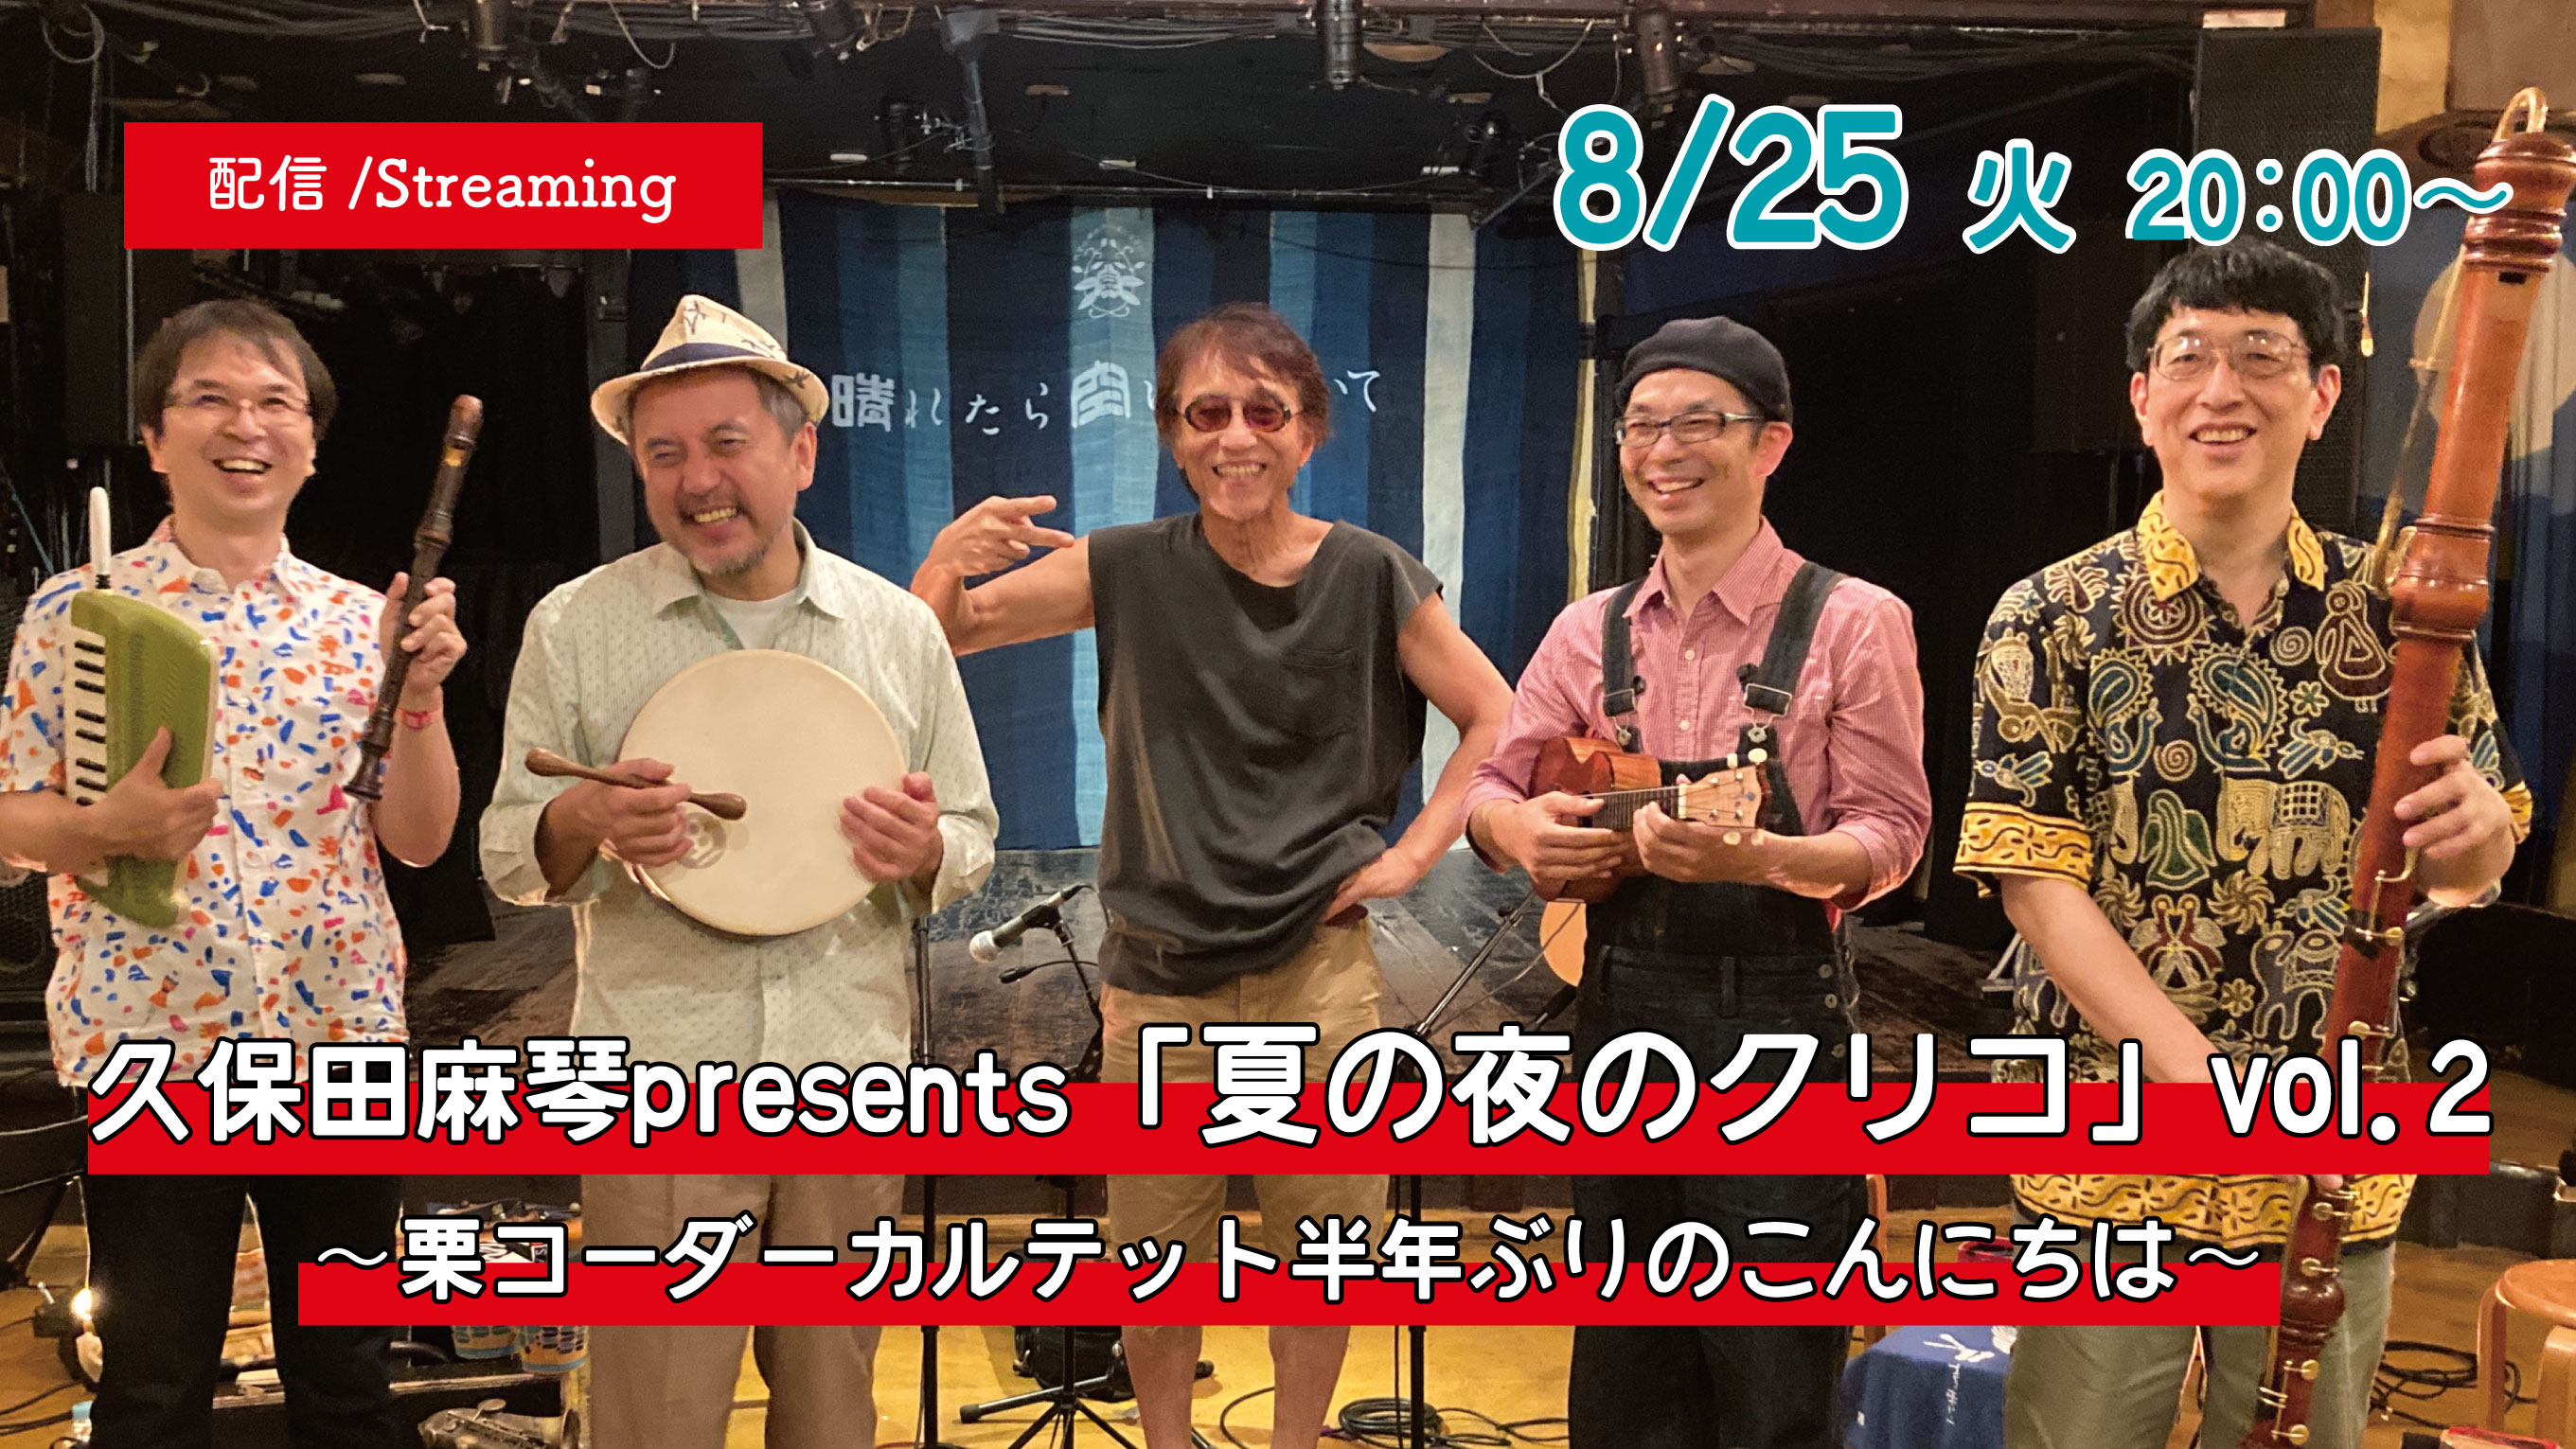 久保田麻琴presents「夏の夜のクリコ」VOL.2 〜栗コーダーカルテット半年ぶりのこんにちは〜